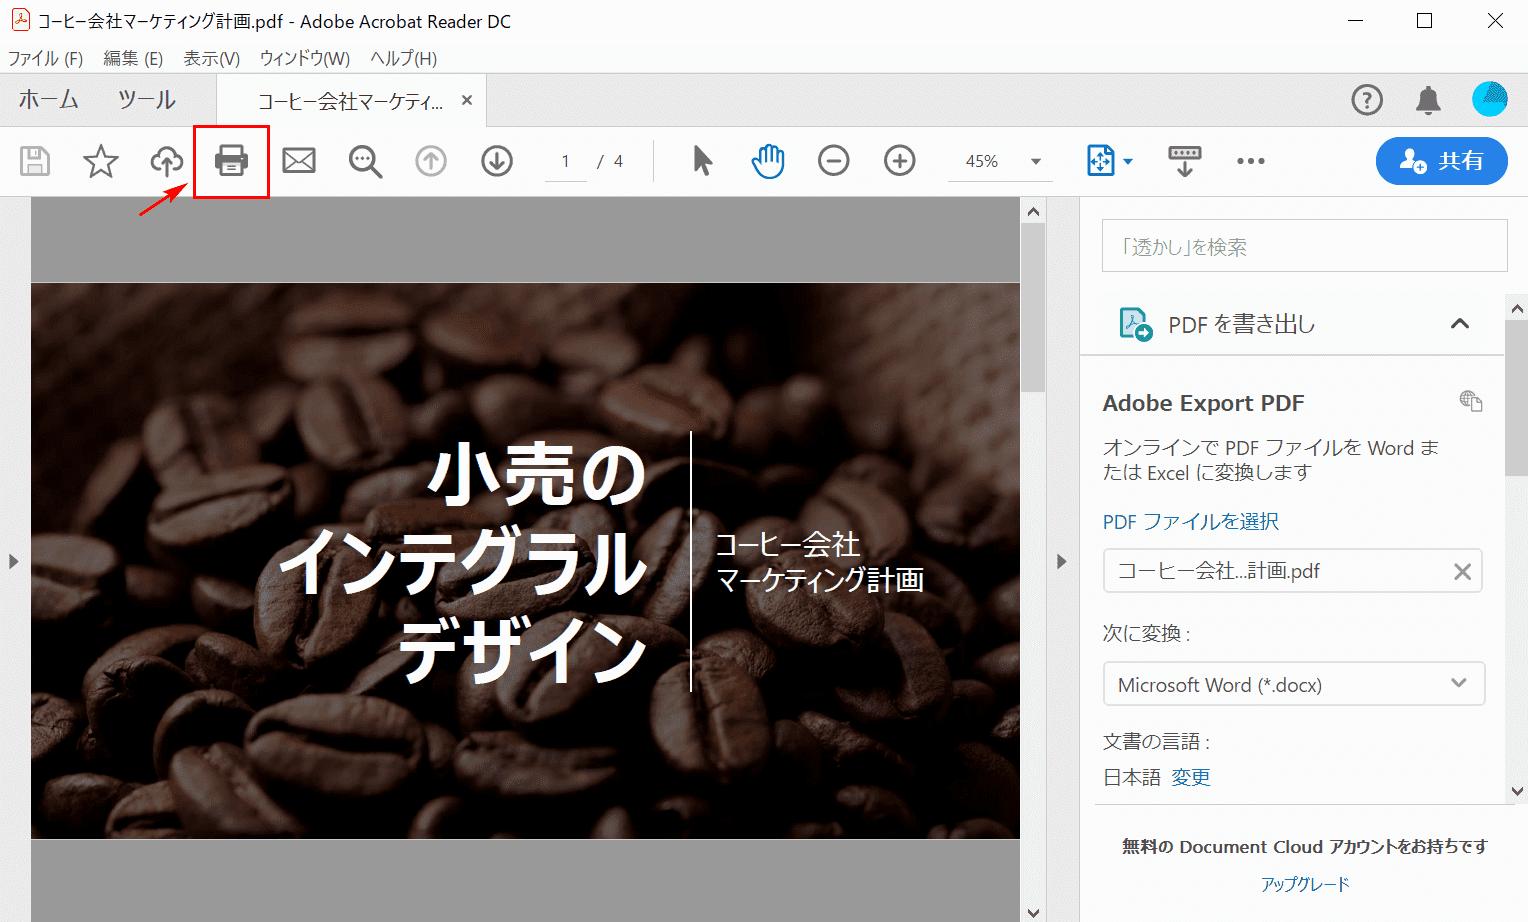 「ファイルを印刷」を選択